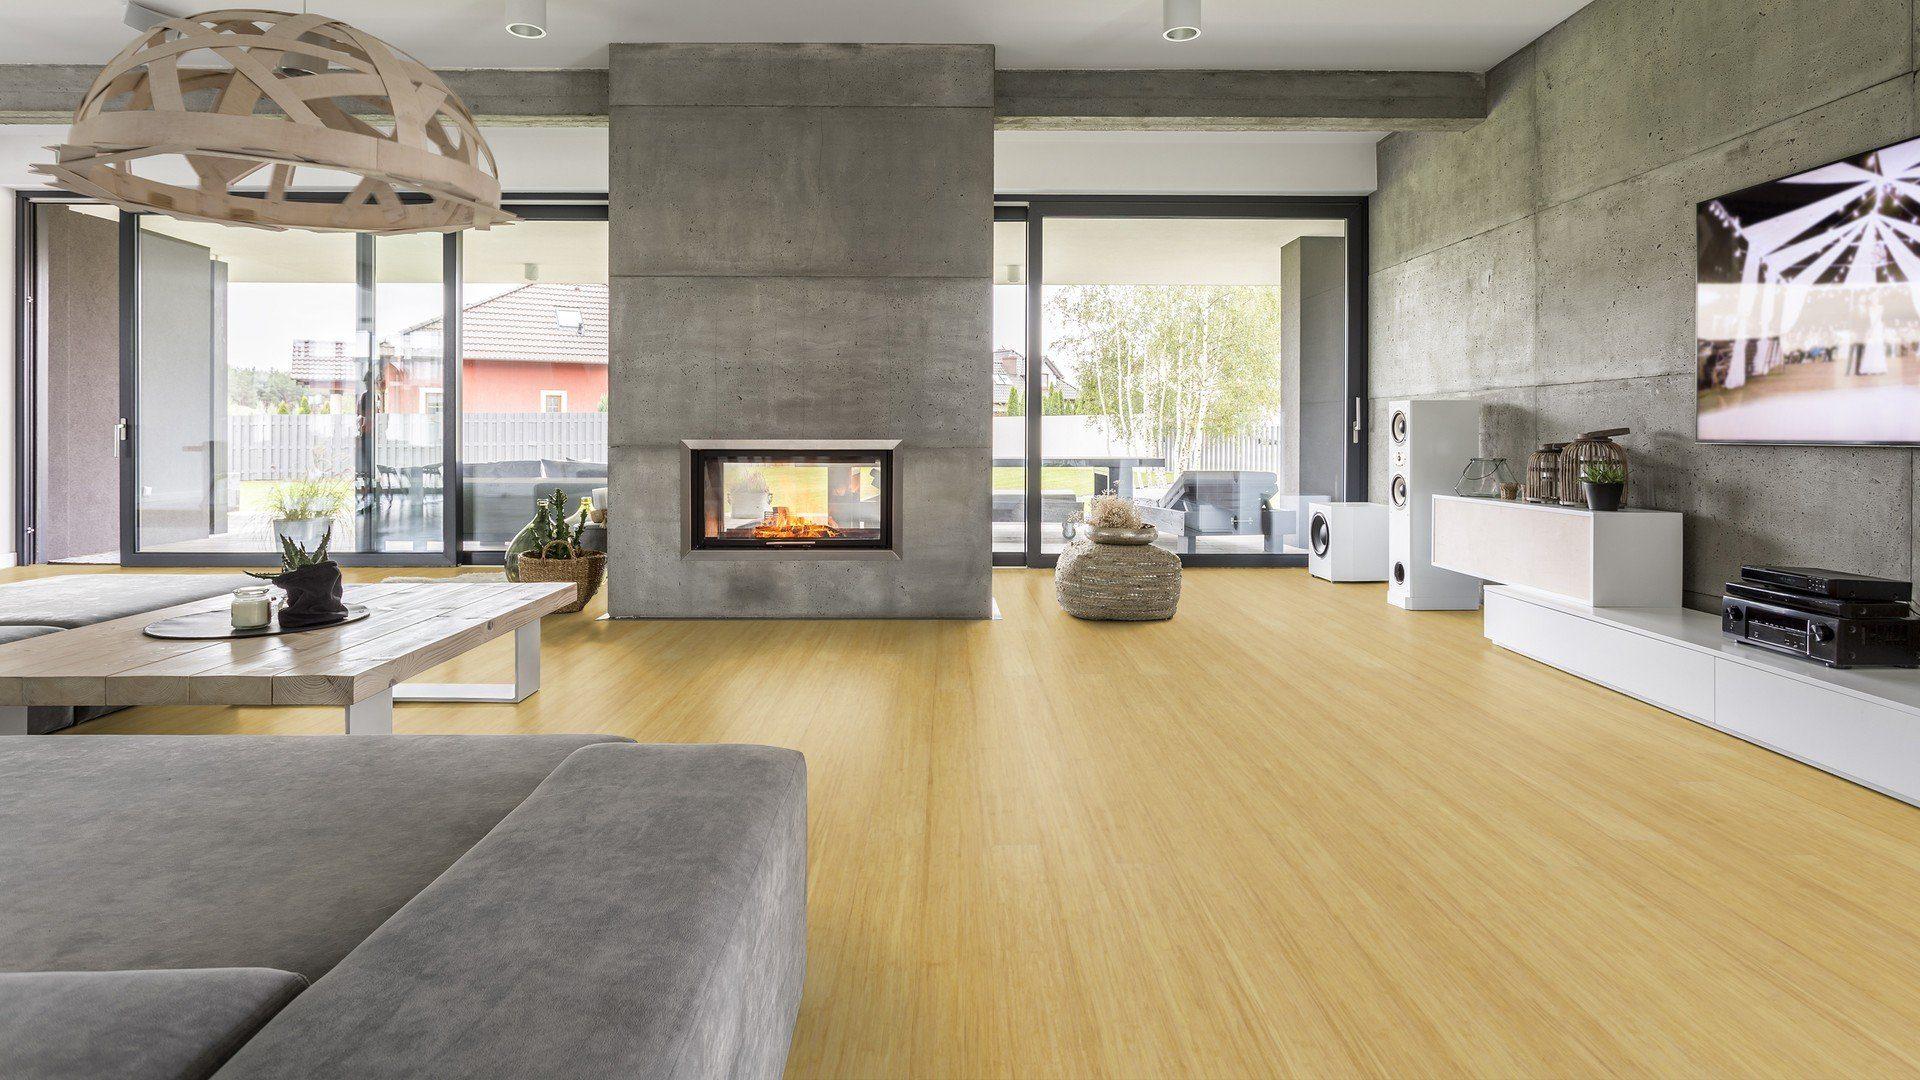 Posa Parquet Orizzontale O Verticale pavimenti di bamboo per uso domestico | moso® gli